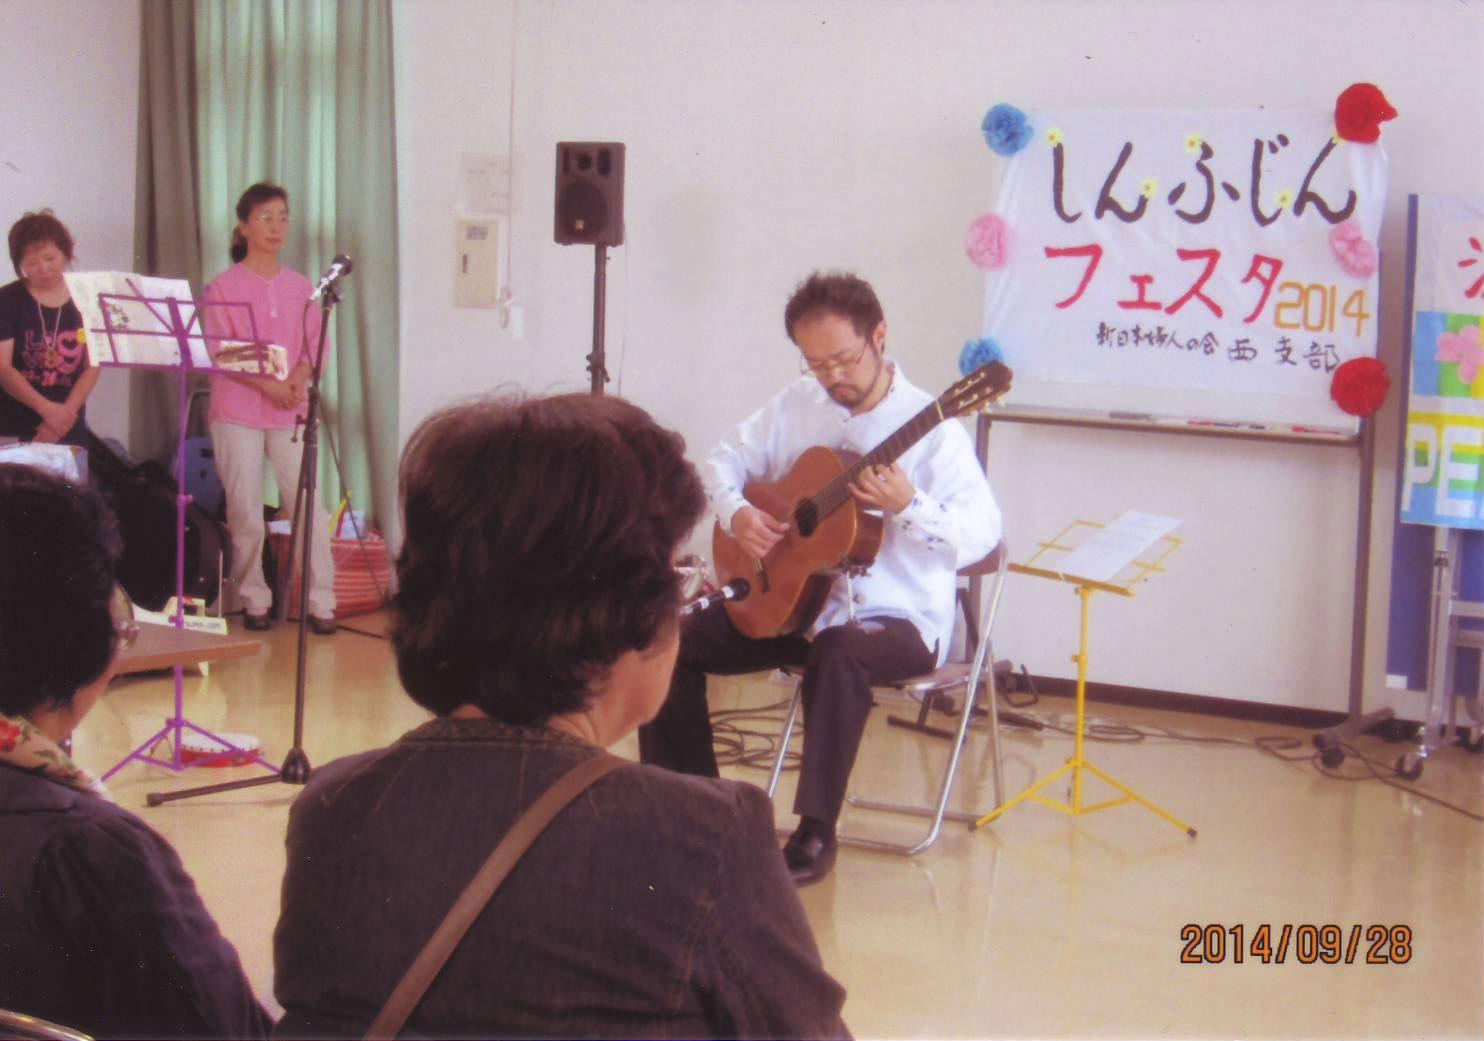 9/28(日) 新婦人西支部フェスタ出演_e0159902_10161569.jpg